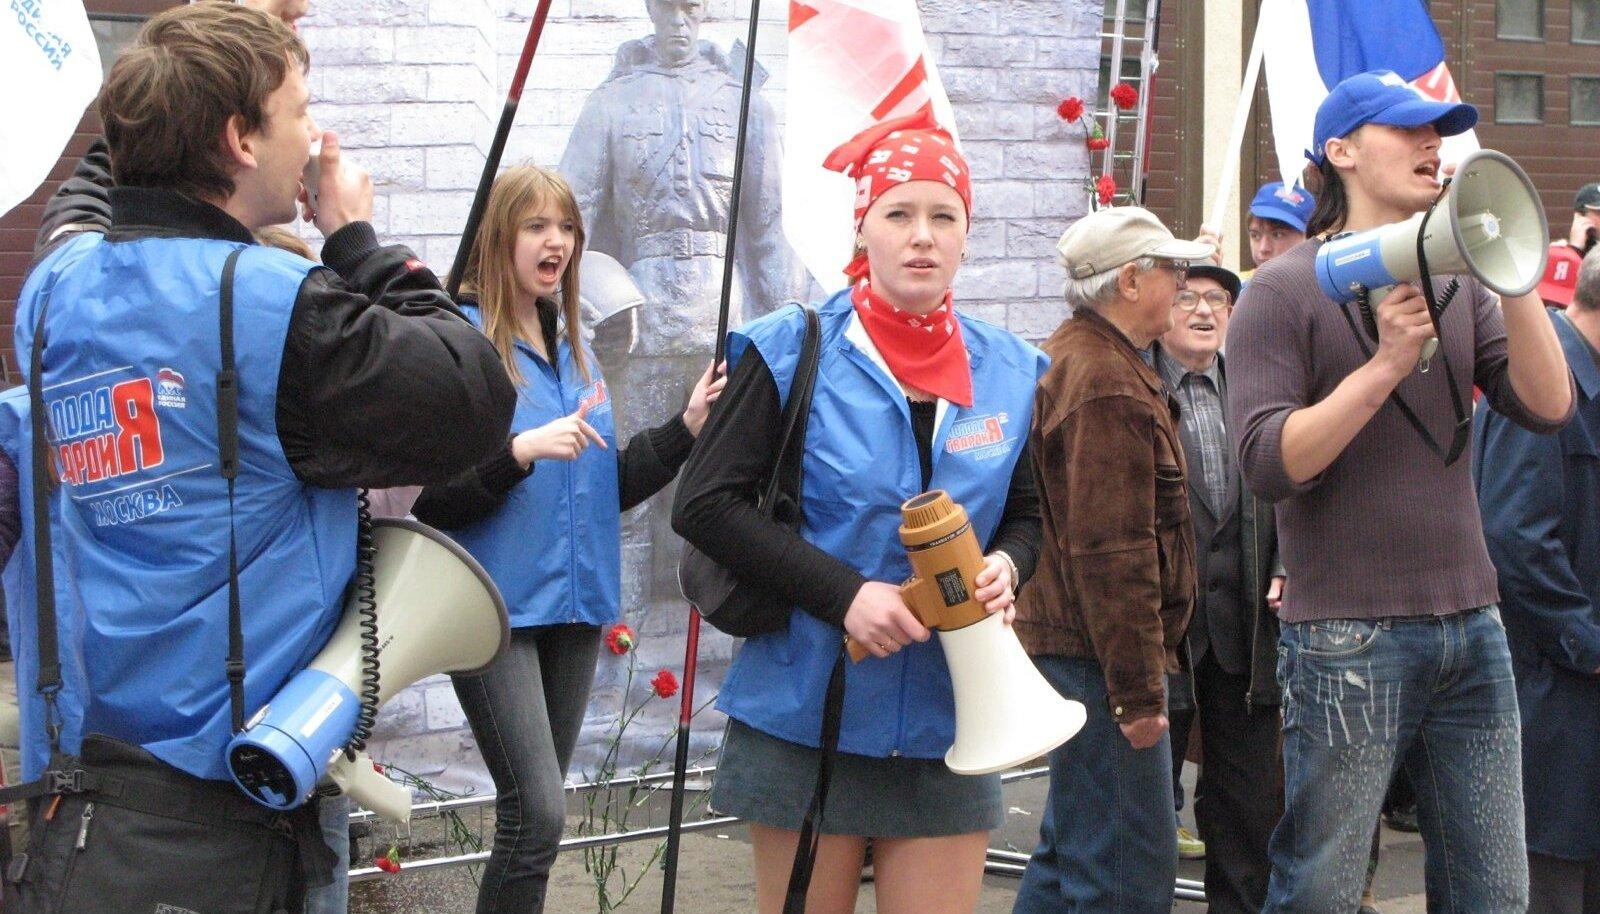 Kremlimeelse noorteorganisatsiooni Molodaja Gvardija aktivistid tõid 2007. aasta kevadel Eesti saatkonna juurde Moskvas elusuuruse pronksmehe plakati ning karjusid ruuporisse oma loosungeid.